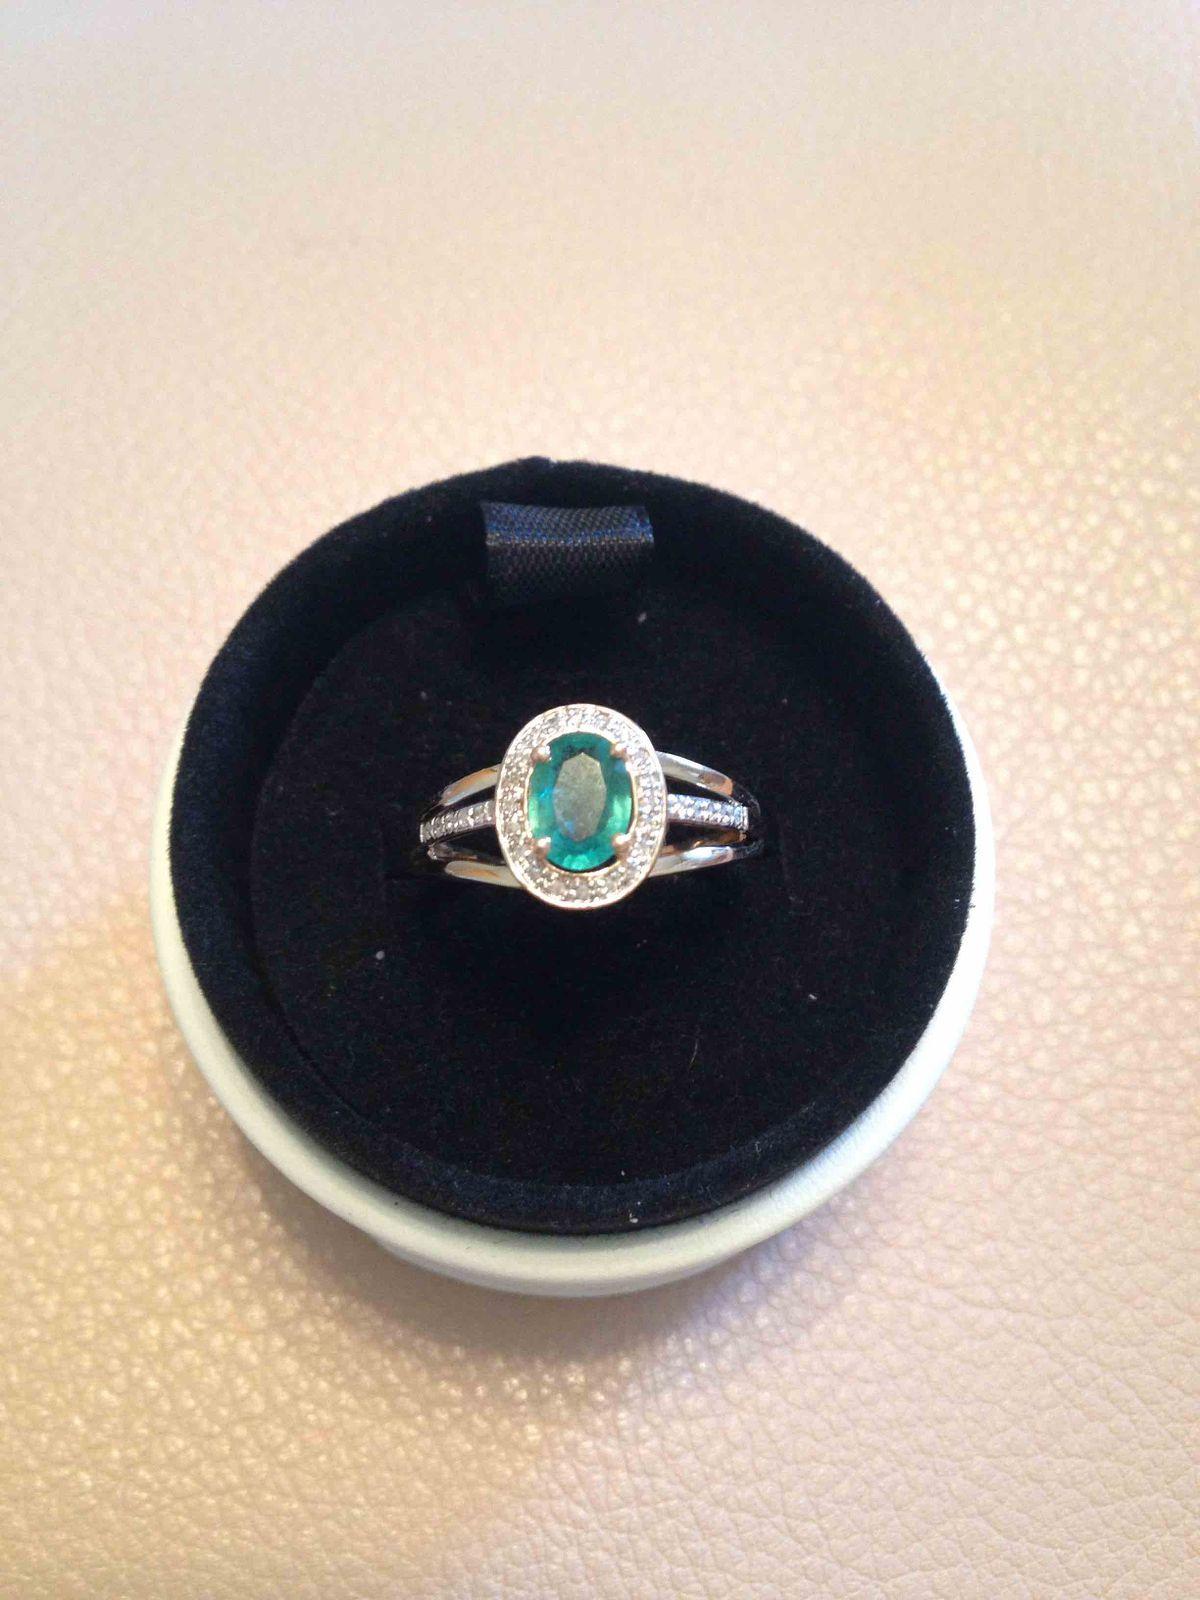 Реально нереальное кольцо!